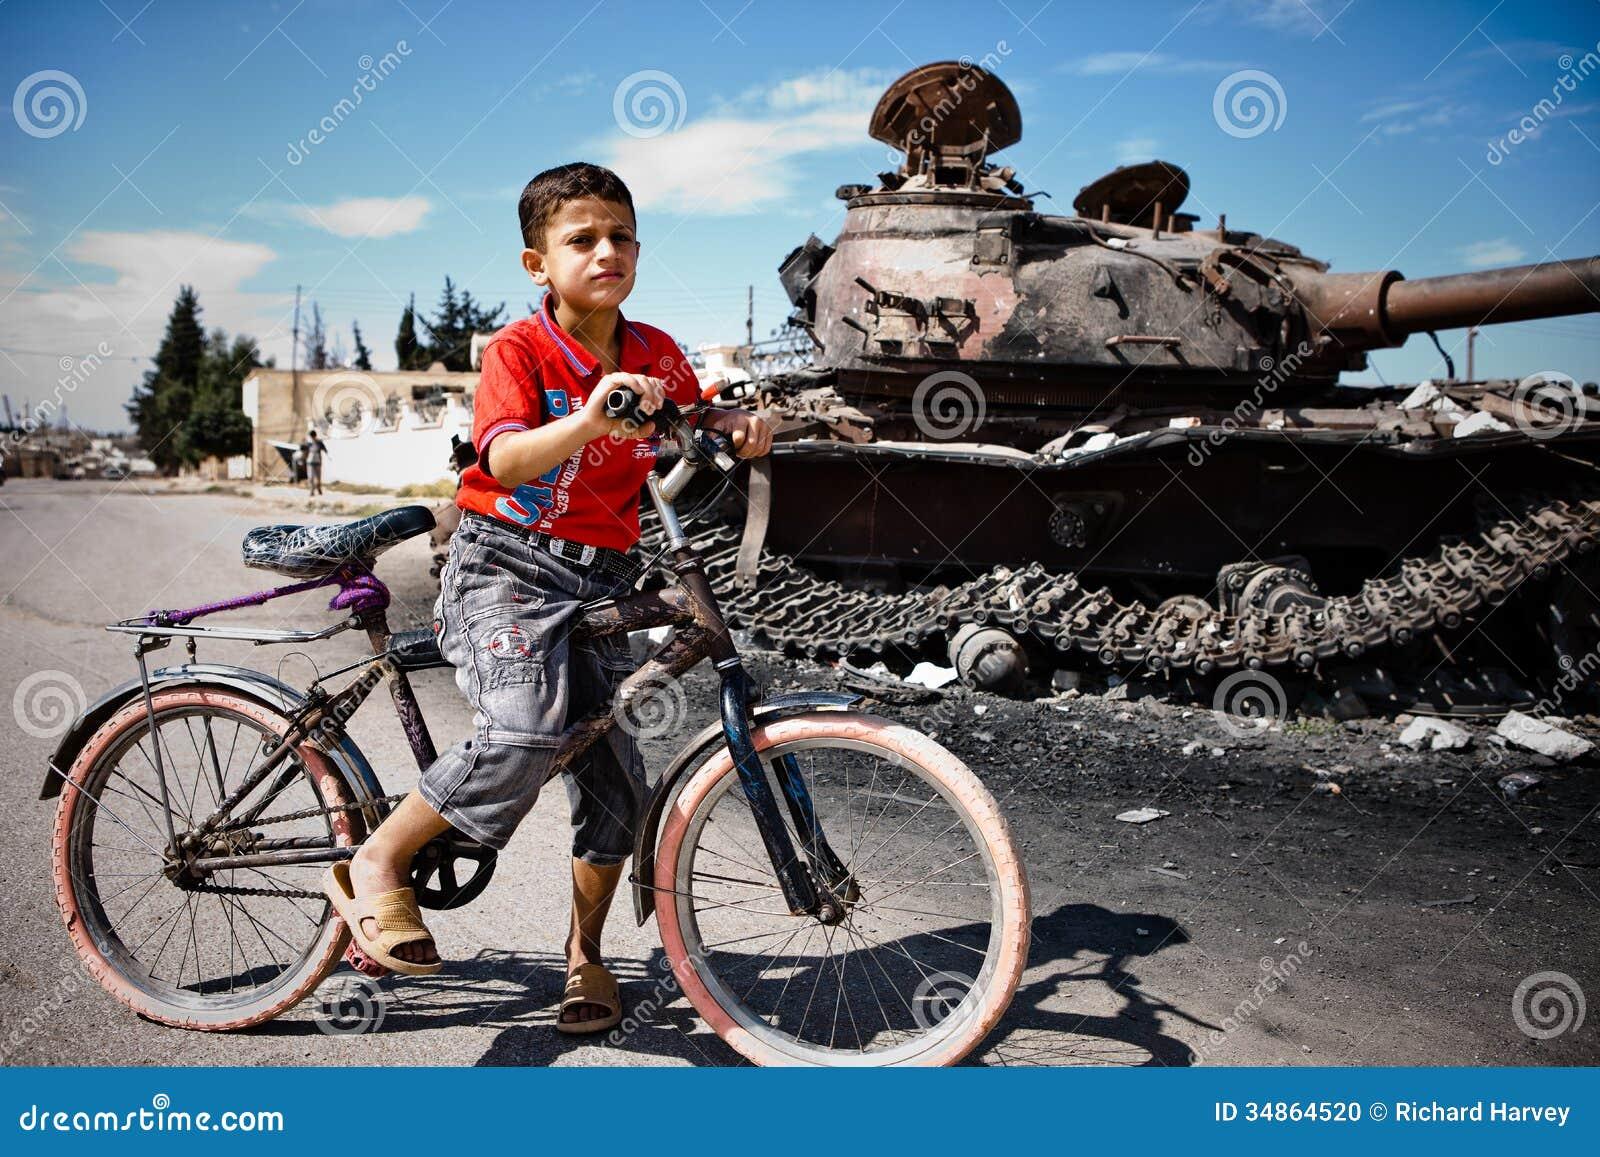 Jongen en fiets met T72 tank, Azaz, Syrië.